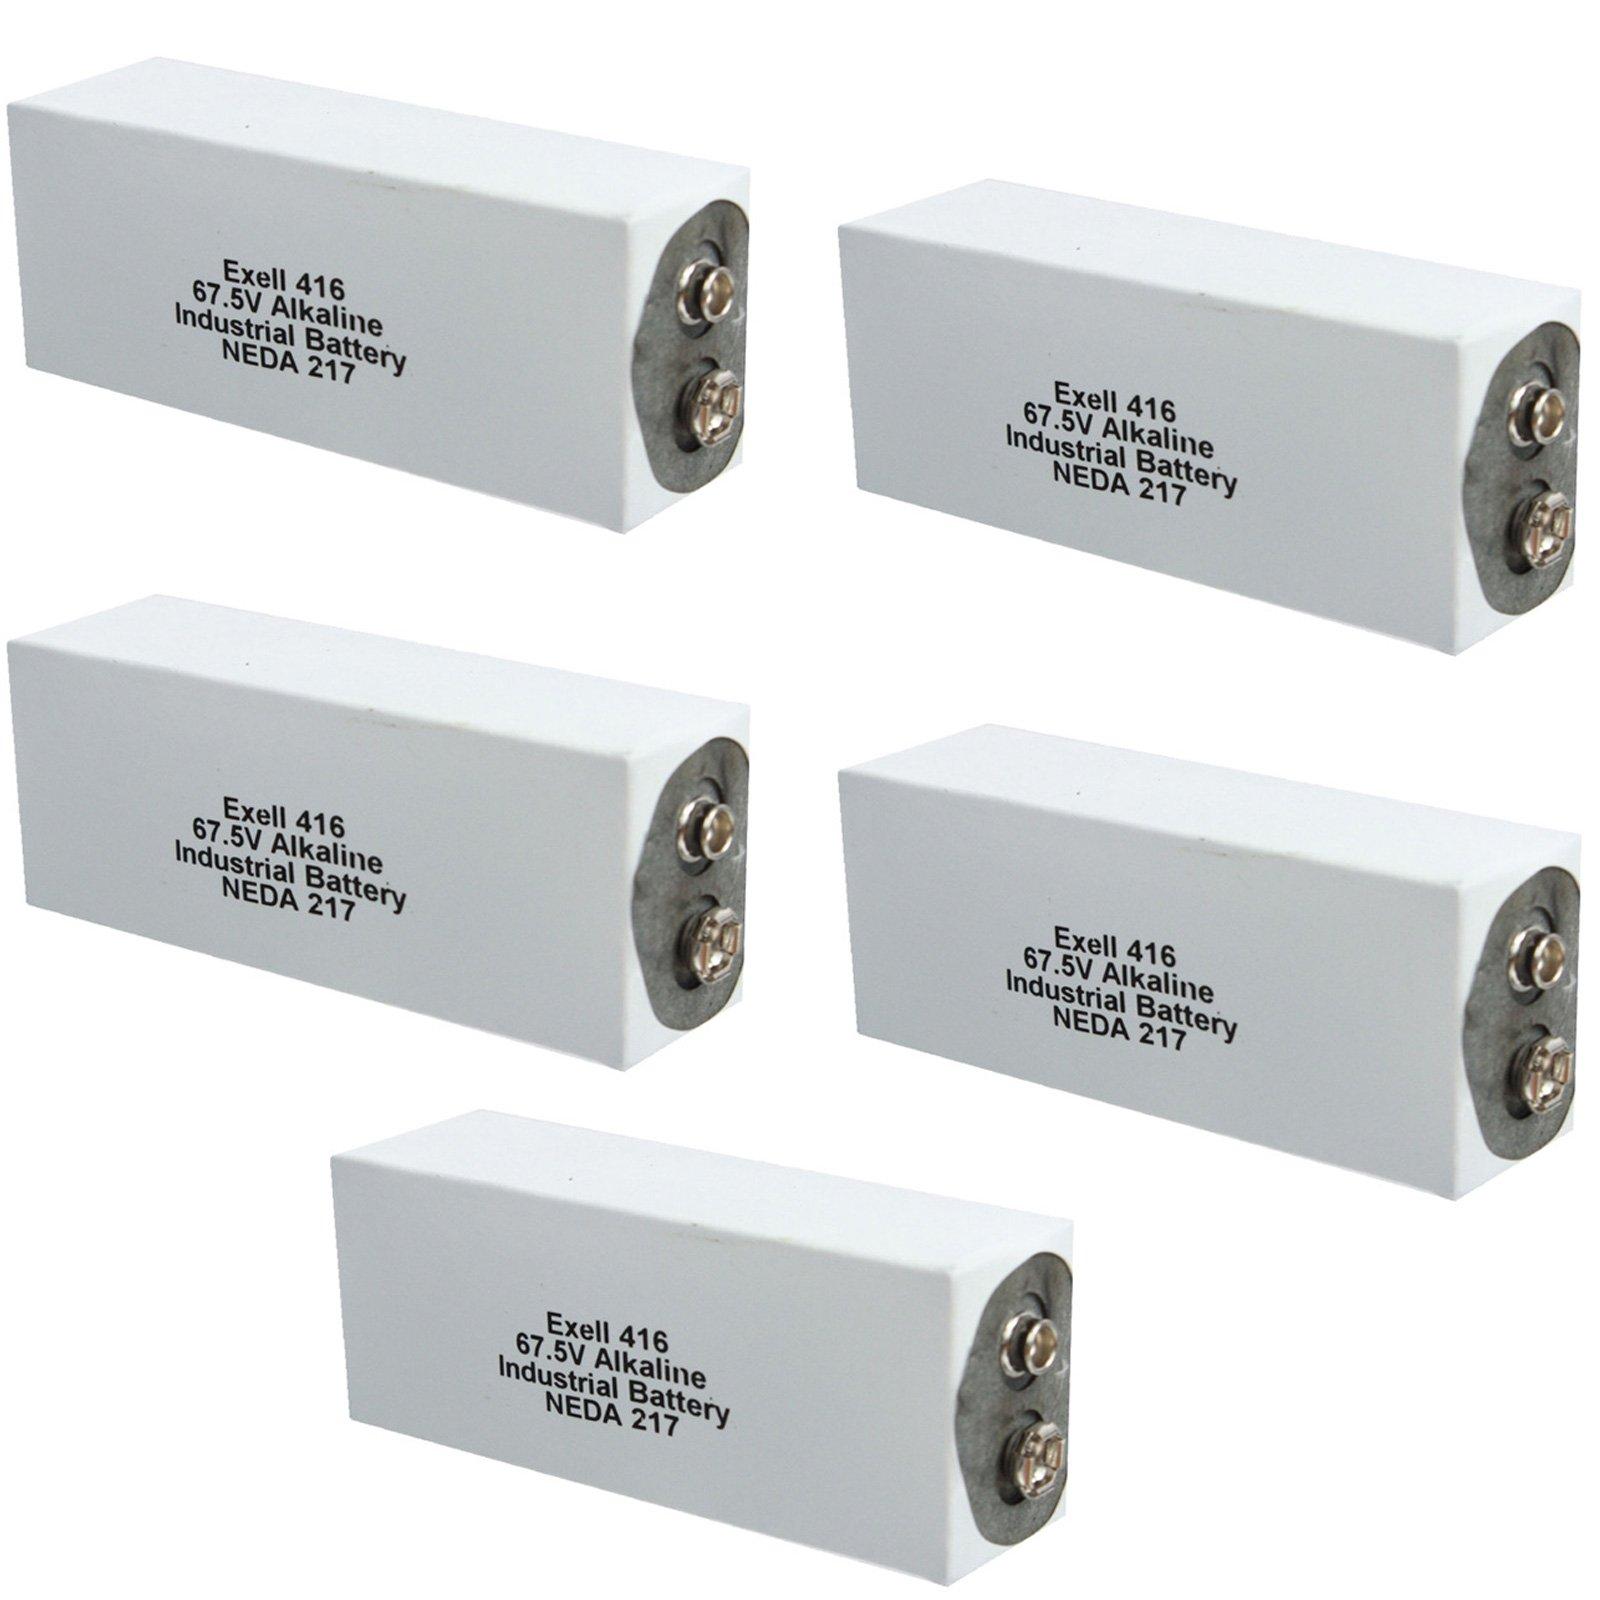 5pc Exell 416A Alkaline 67.5V Battery NEDA 217, A416, ER-416